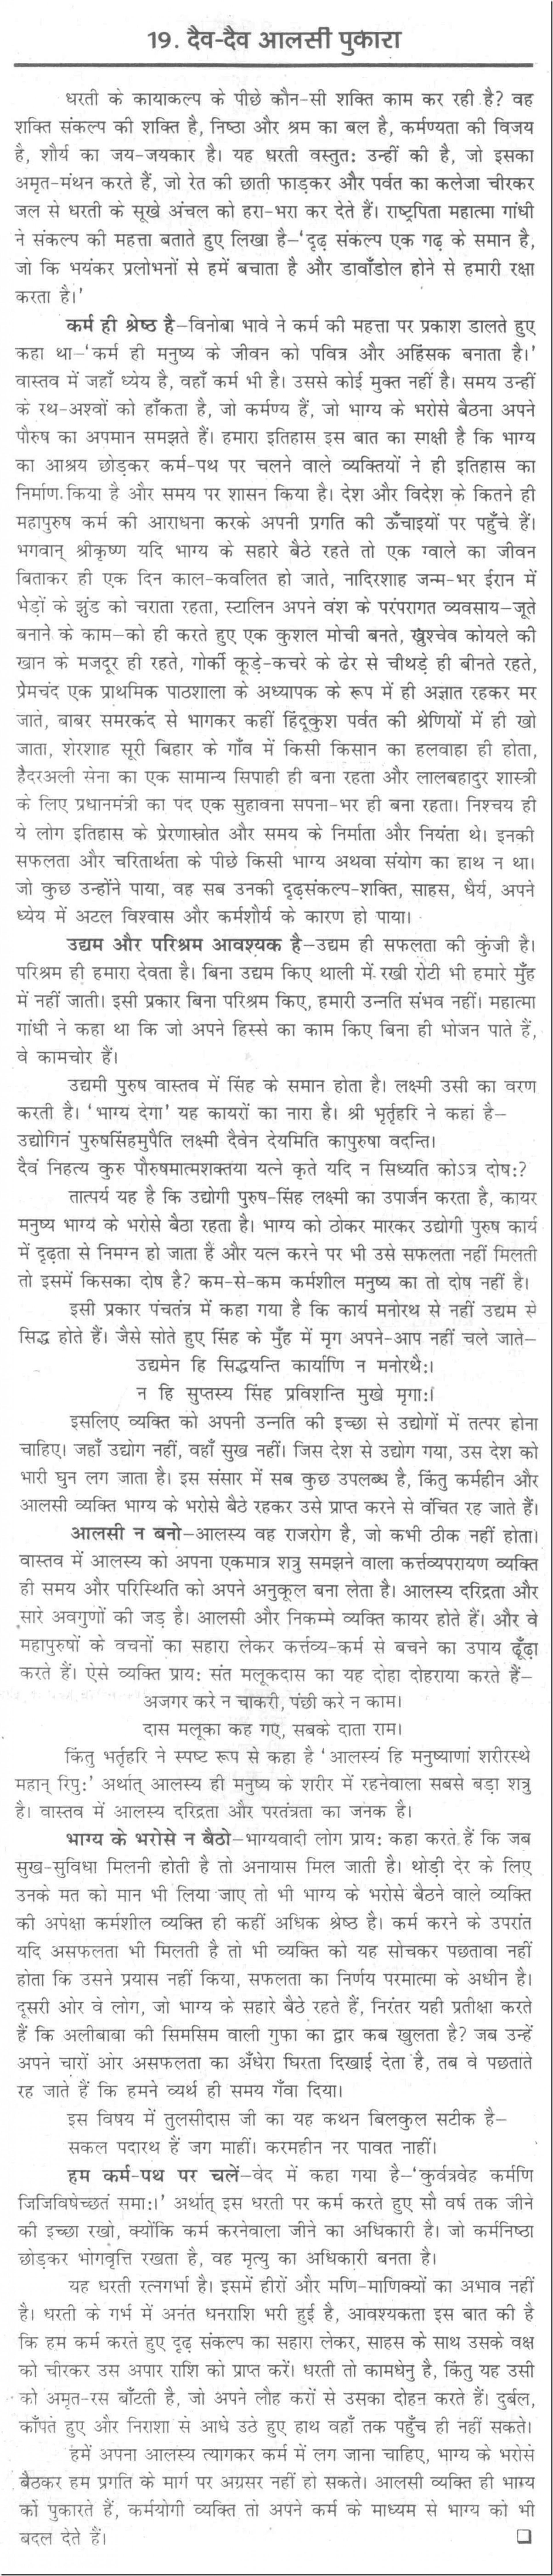 020 Hard Work Essay Example 00013 Thumb Wonderful In Urdu 1920